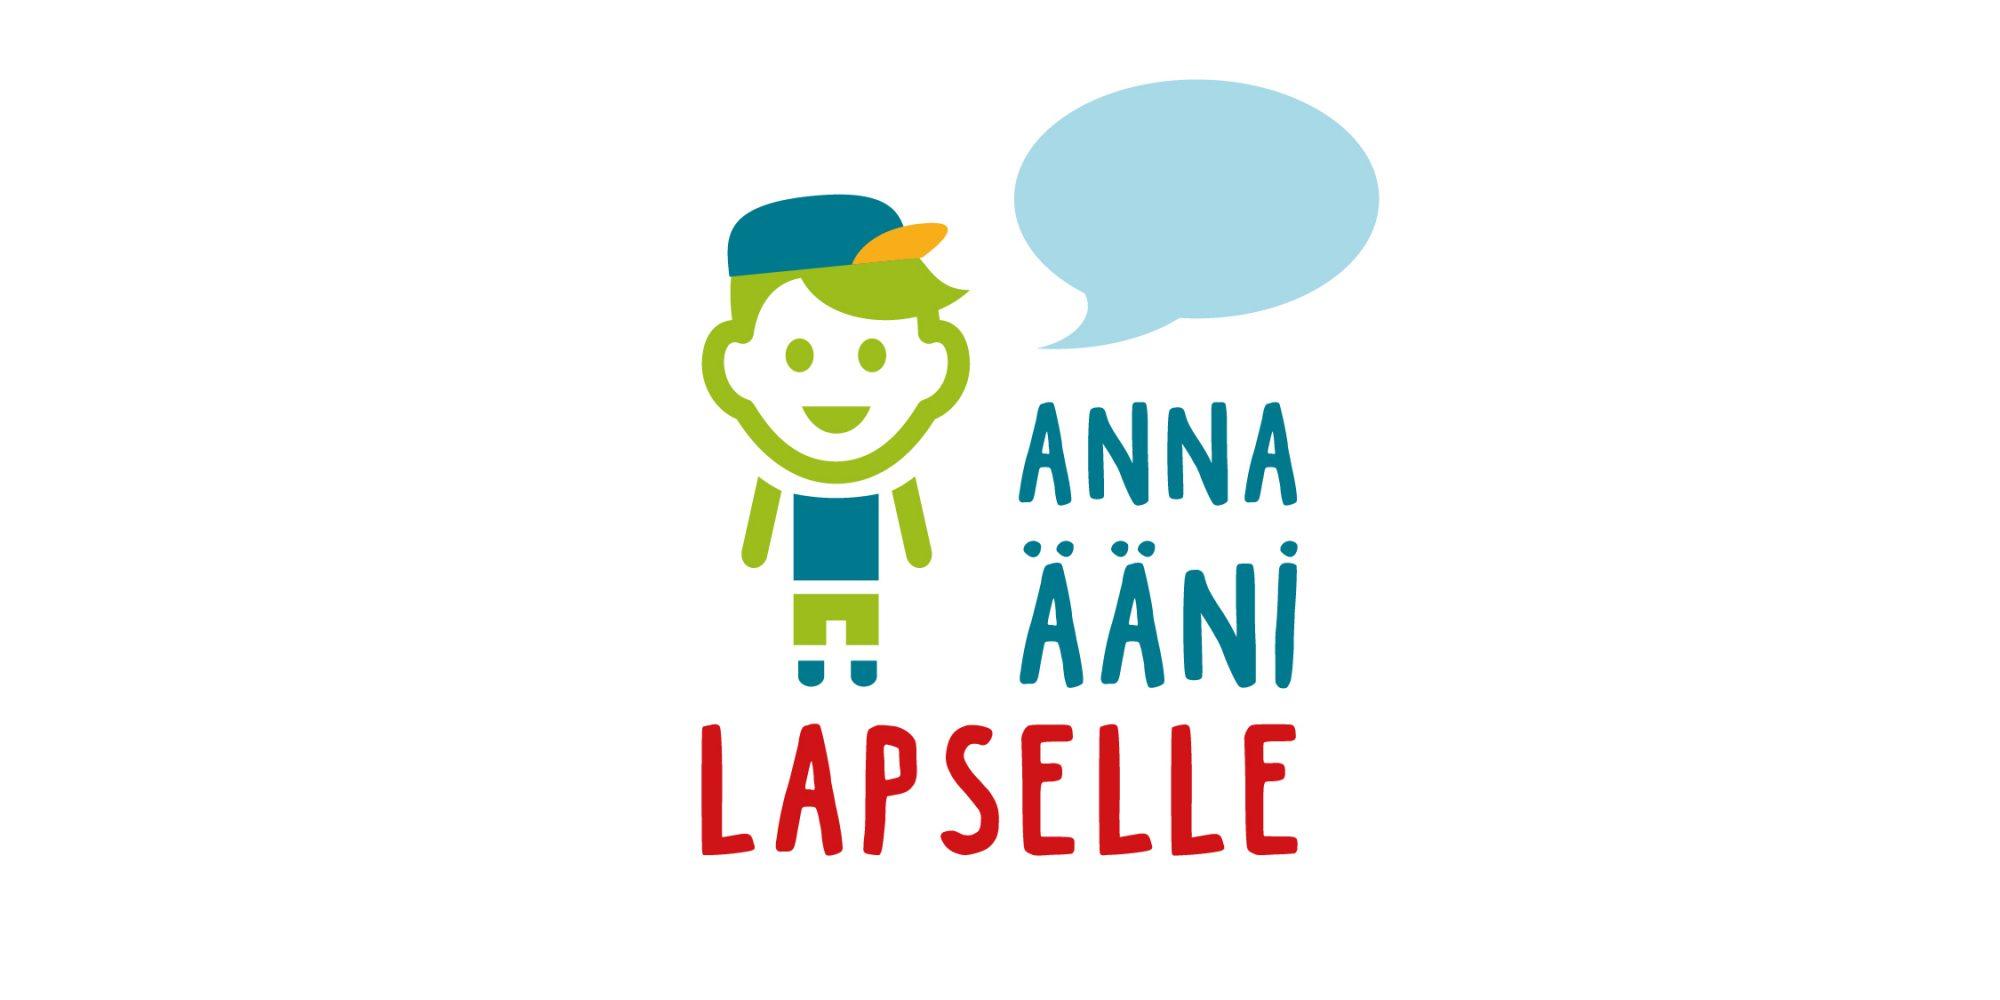 Lapsi- ja perhejärjestöjen yhteinen vaaliohjelma on julkaistu: Anna ääni lapselle eduskuntavaaleissa